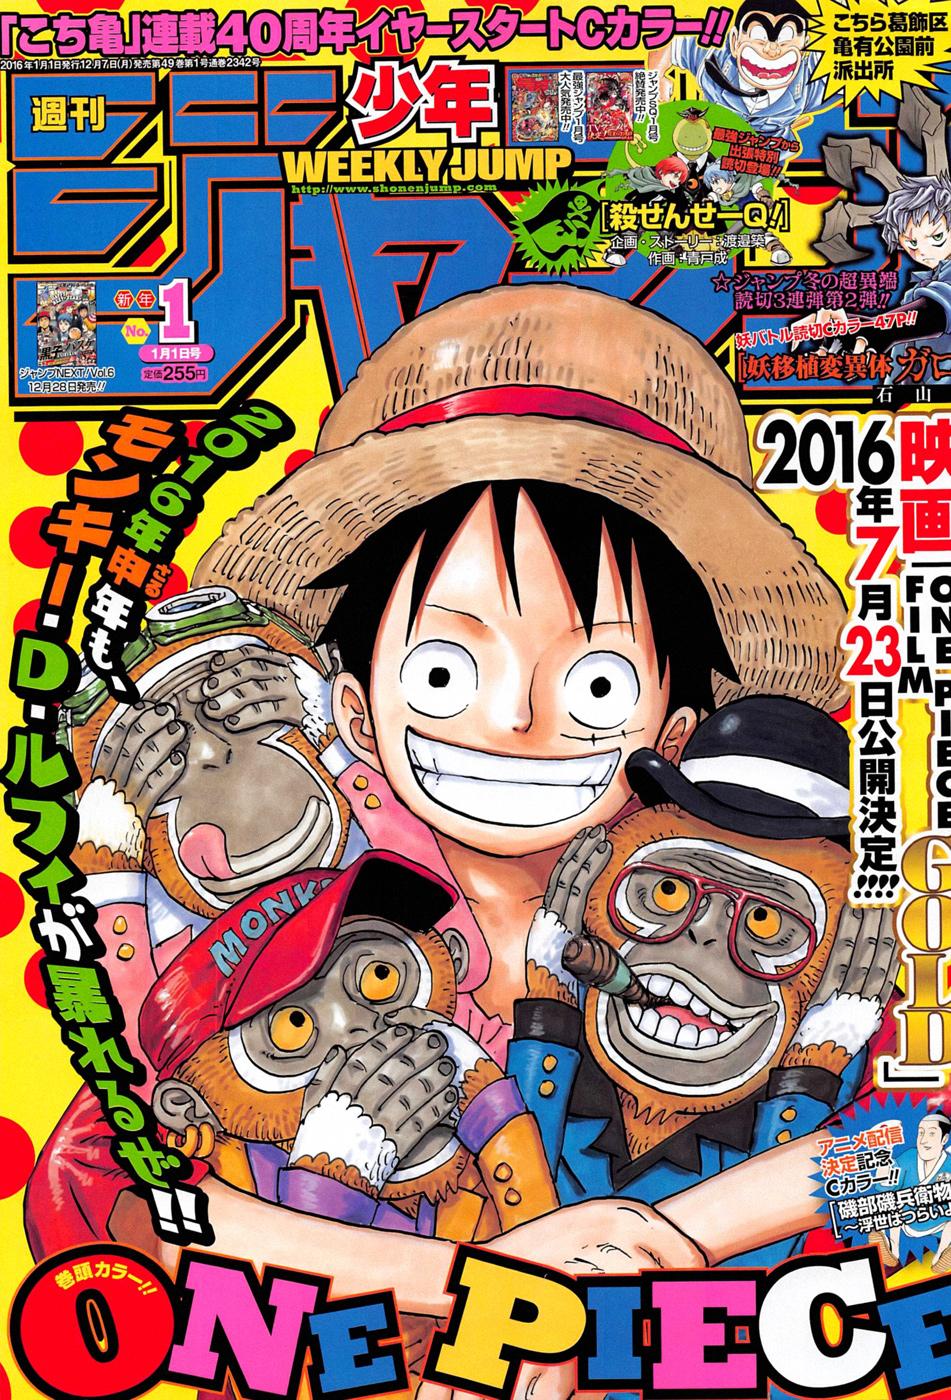 http://c5.ninemanga.com/es_manga/50/114/432136/9892a4296380361dd94b997f088a4eae.jpg Page 2